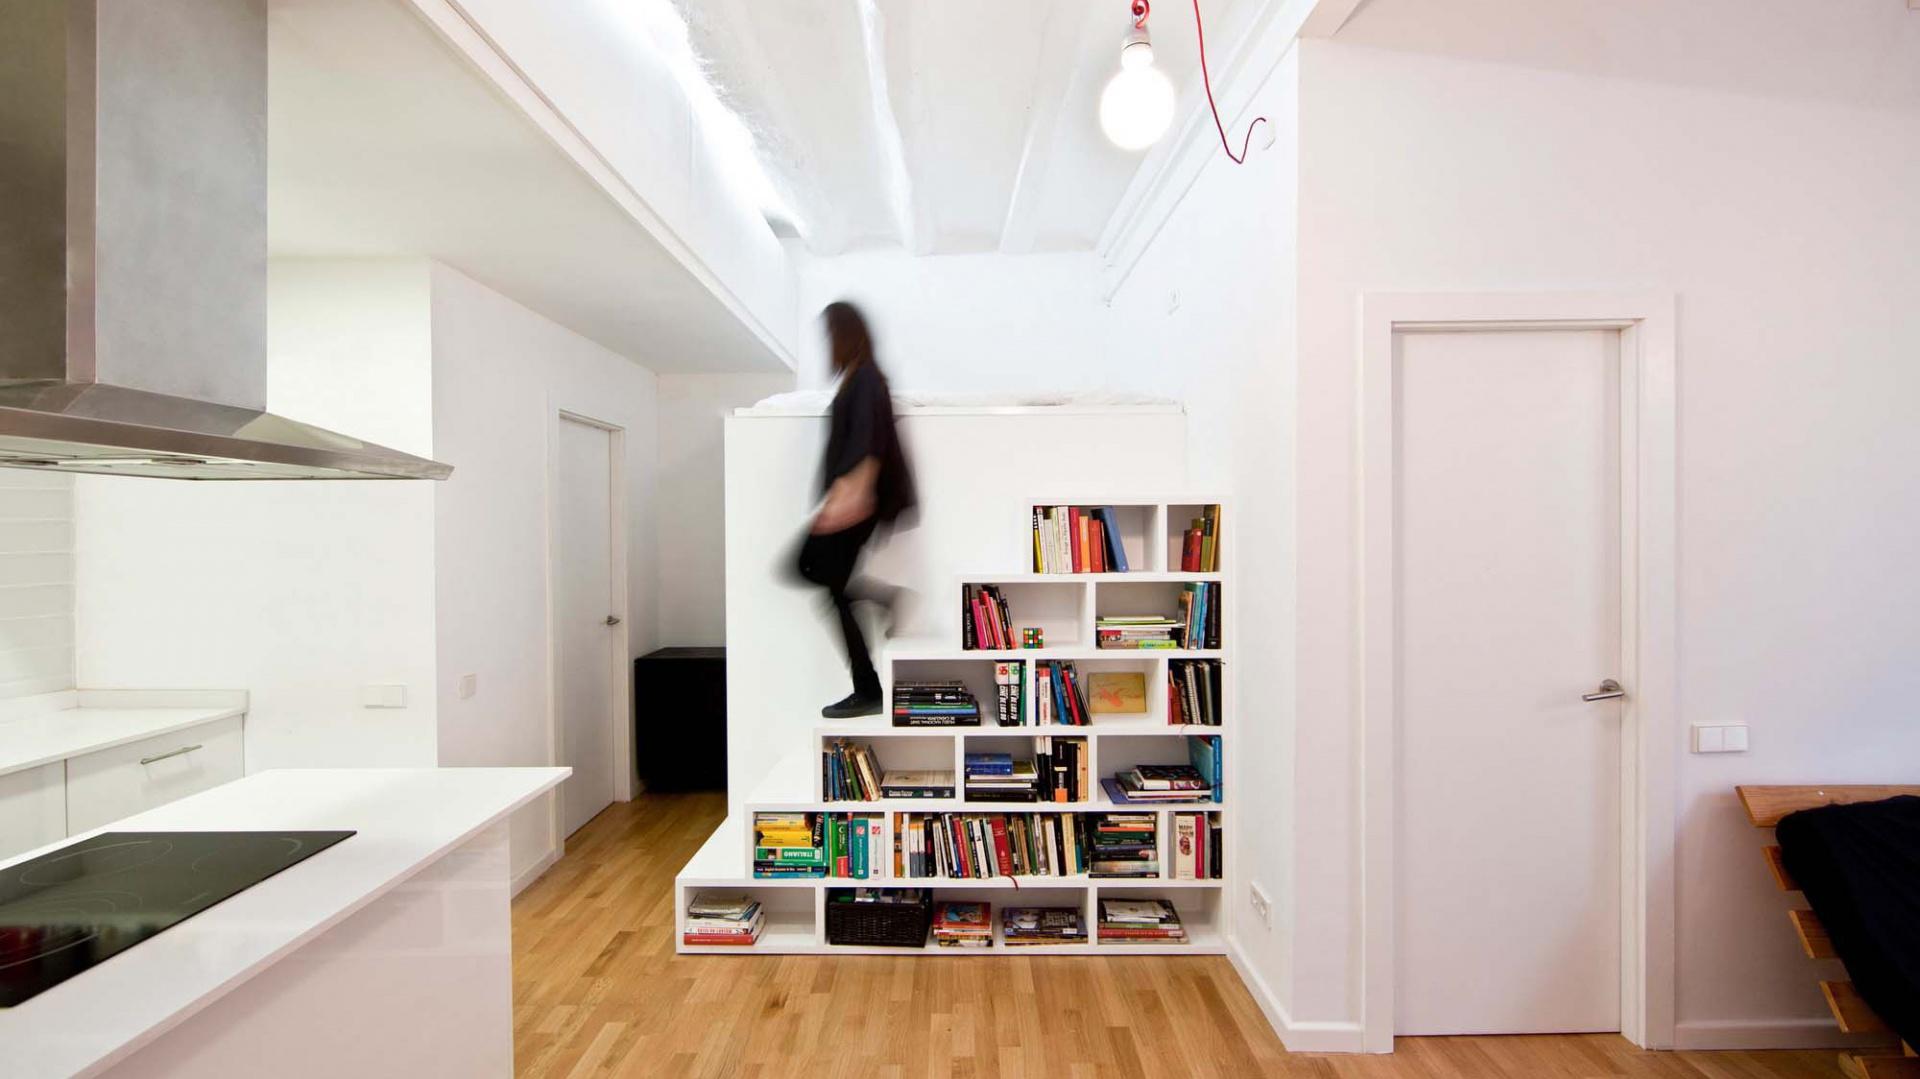 Schody i regał na książki w jednym? Dlaczego nie! Fot. Eva Cotman.